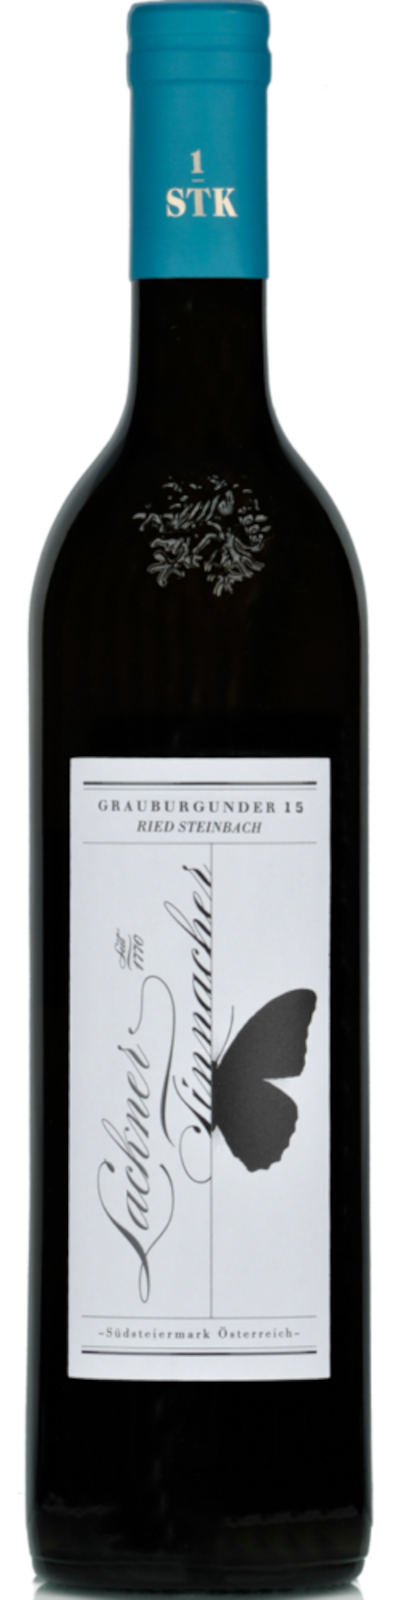 LacknerTinnacher - Grauburgunder Ried Steinbach bio